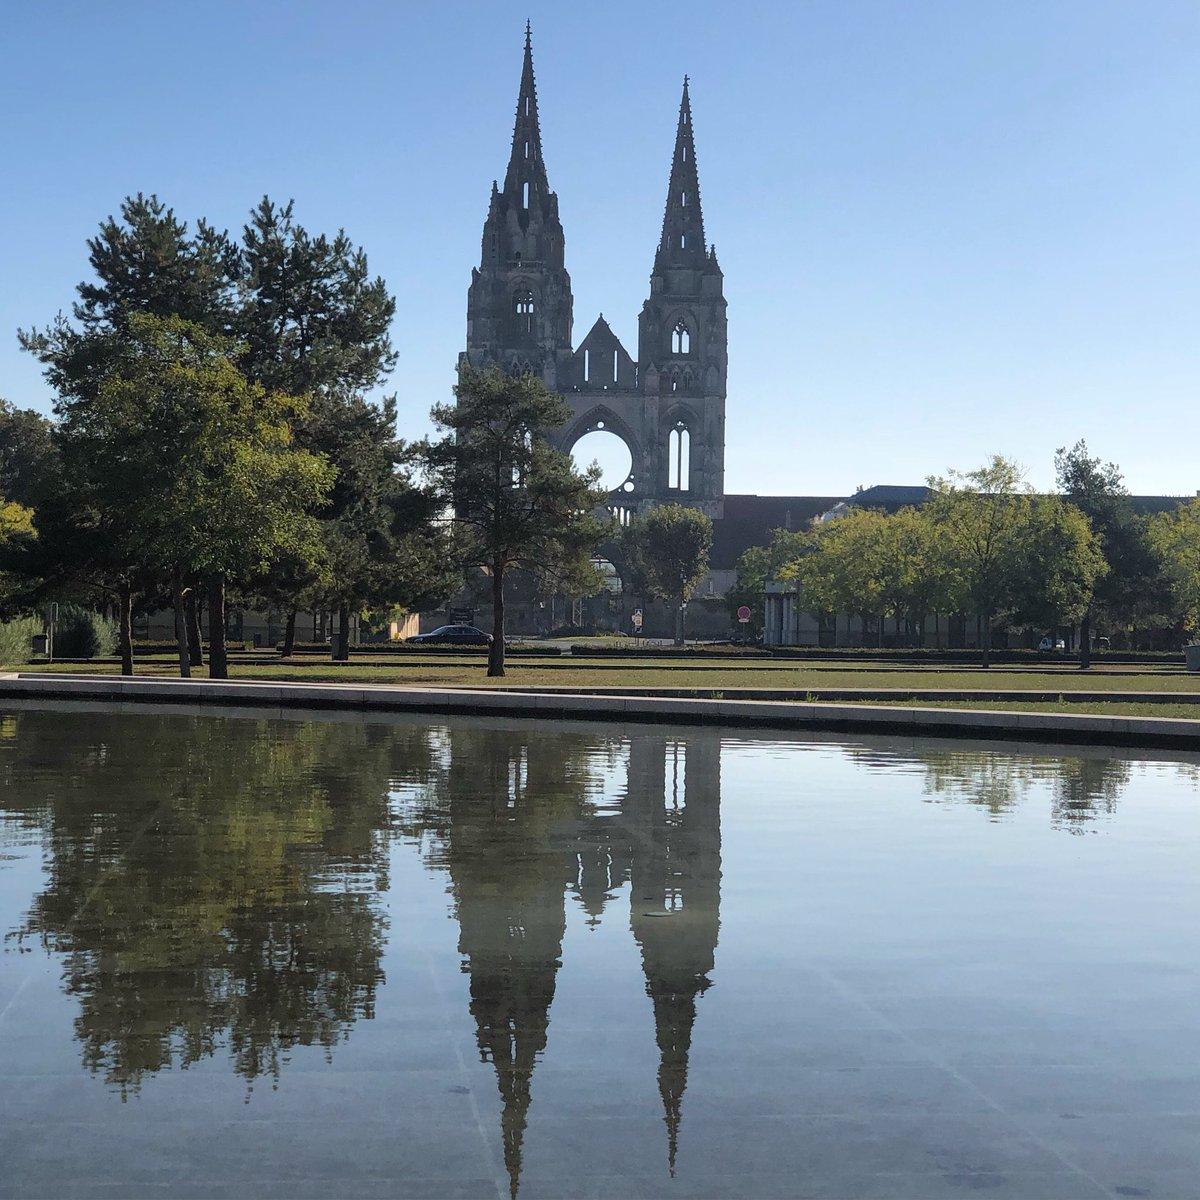 La belle ville de Soissons 🇫🇷 pour une... (ouverture dans une nouvelle fenêtre)